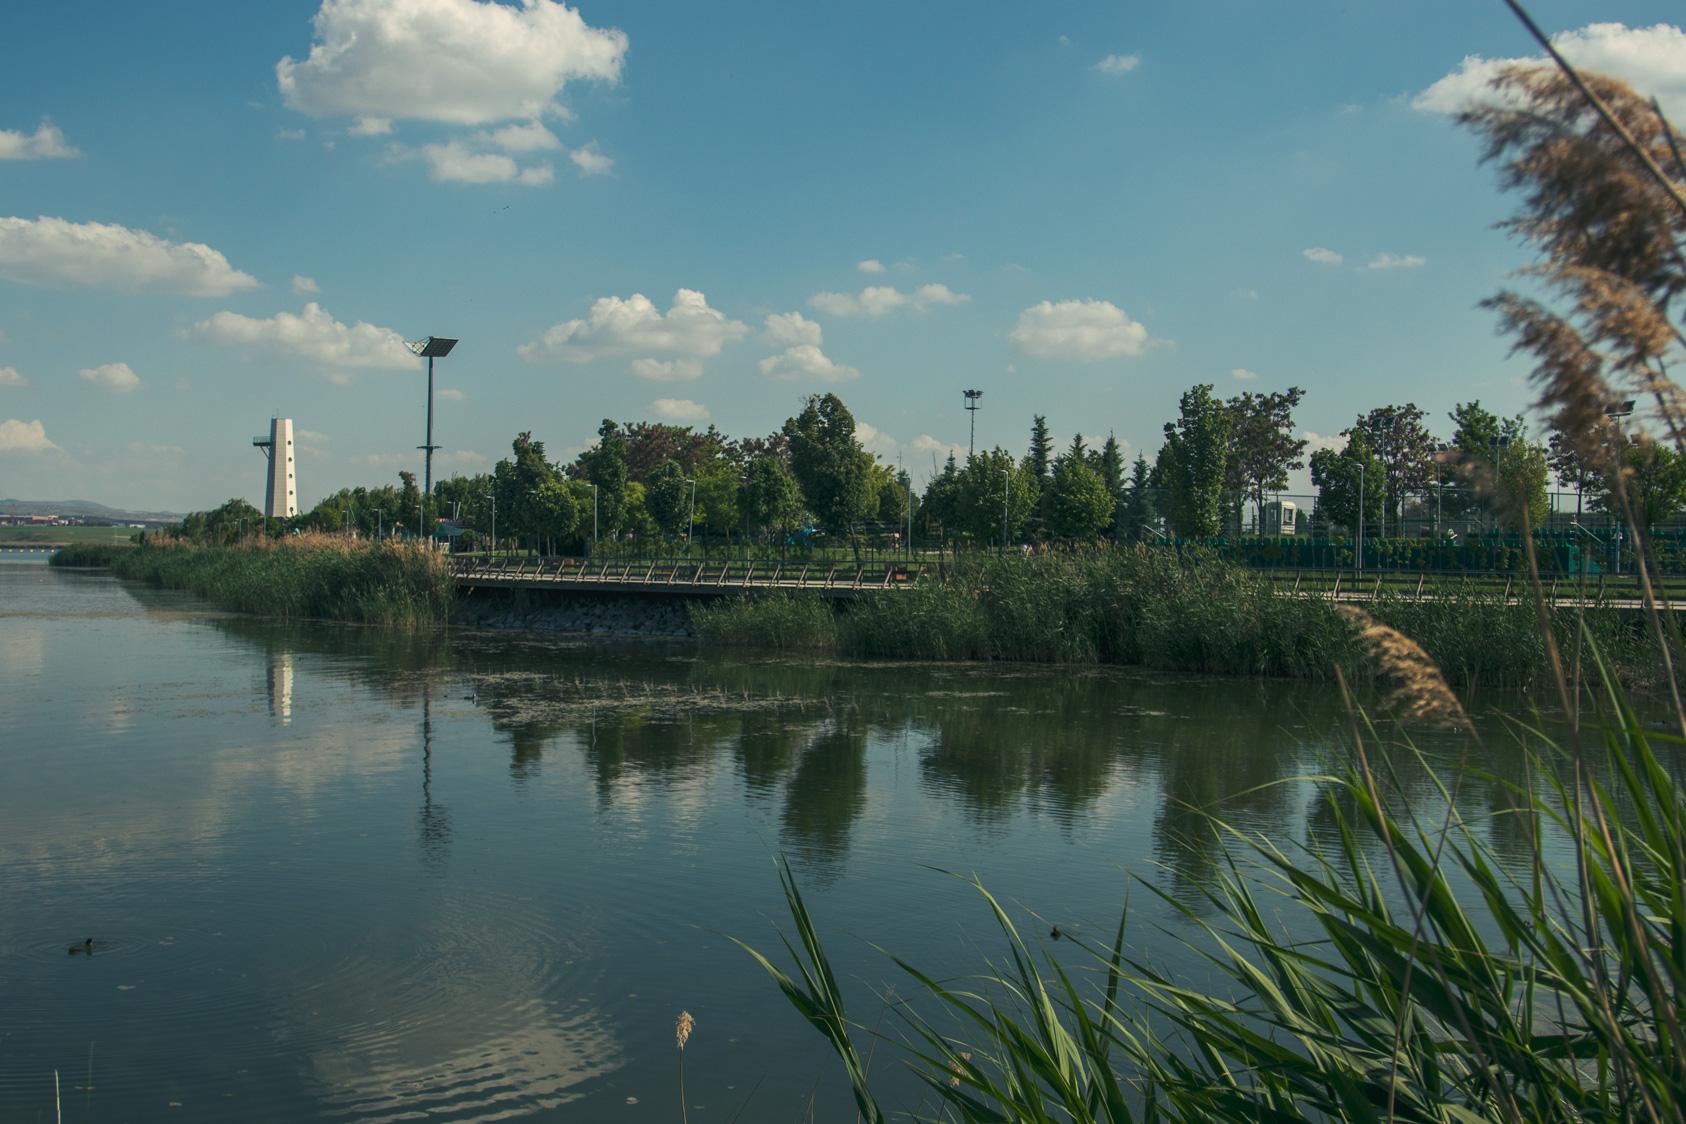 Mogan Gölü Mogan Park Çekergezer Hakan Aydın Gezgin Fotoğrafçı www.cekergezer.com www.cekergezer.com